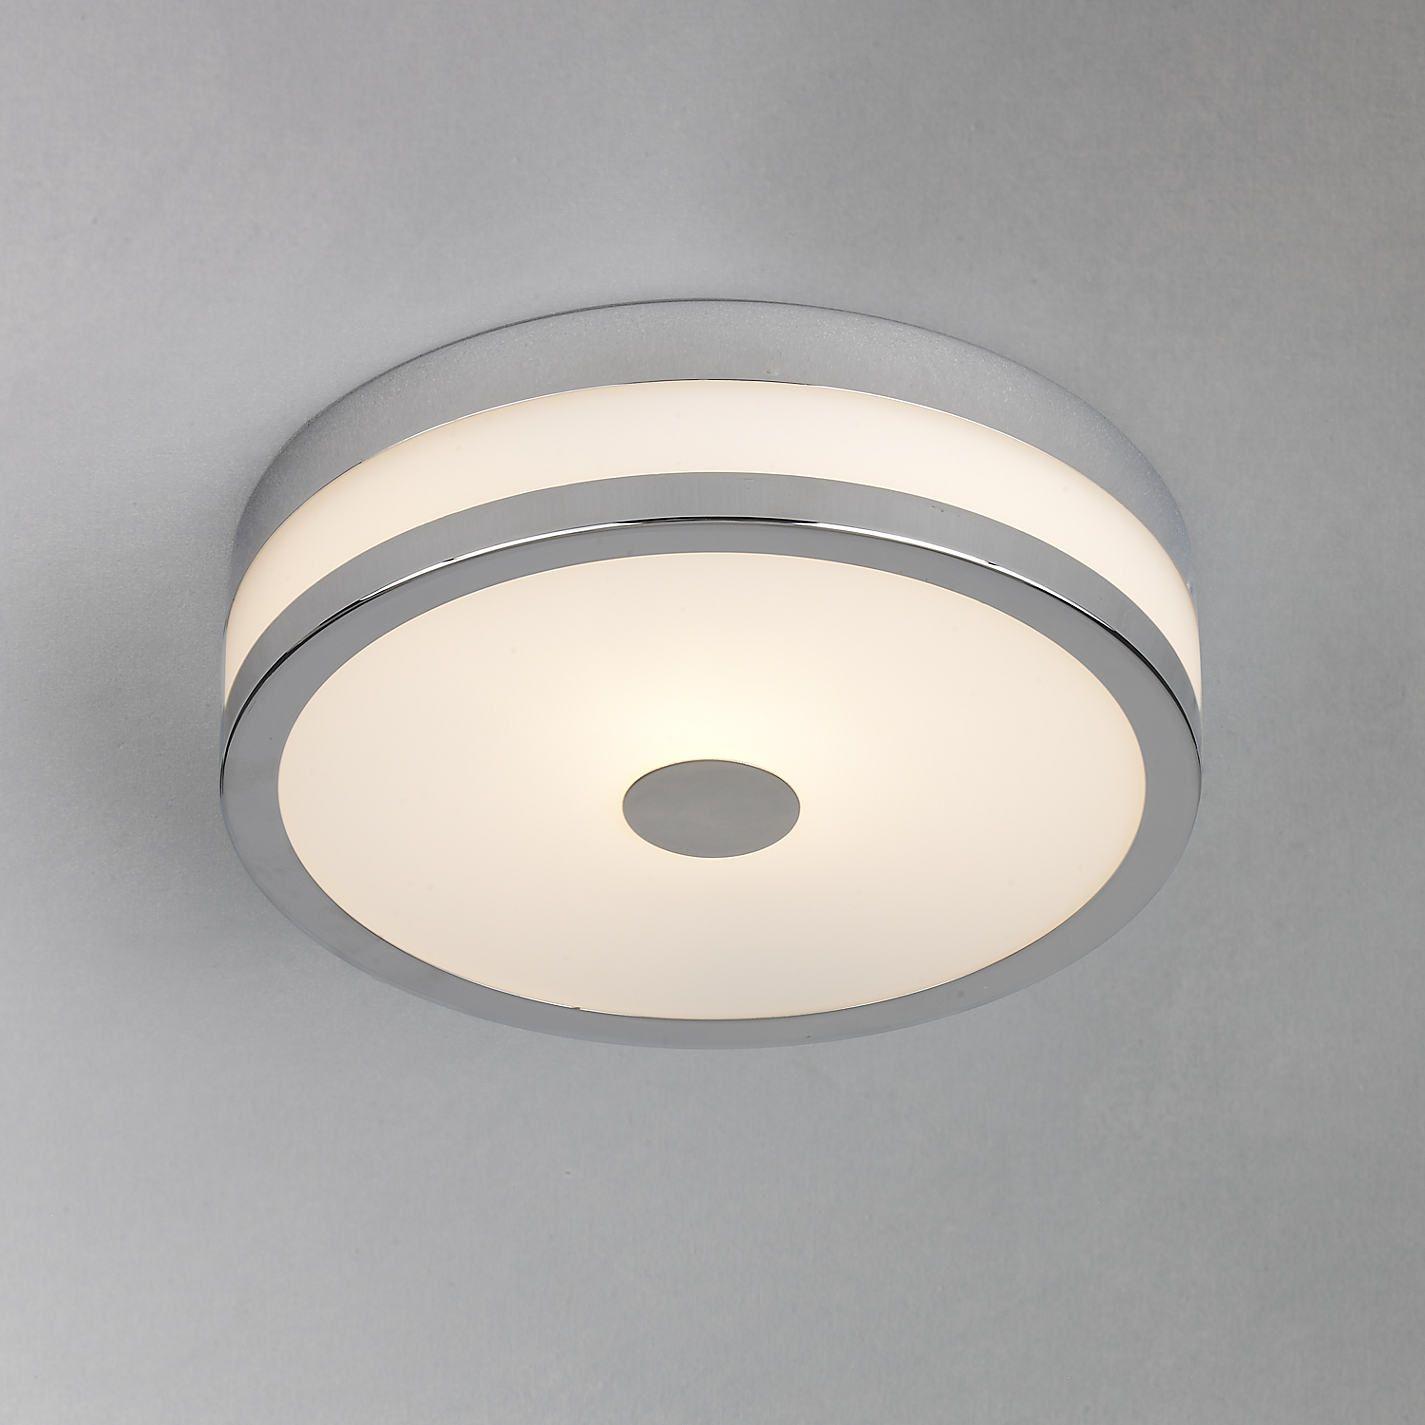 John lewis shiko bathroom ceiling light john lewis ceiling and lights john lewis shiko bathroom ceiling light aloadofball Gallery